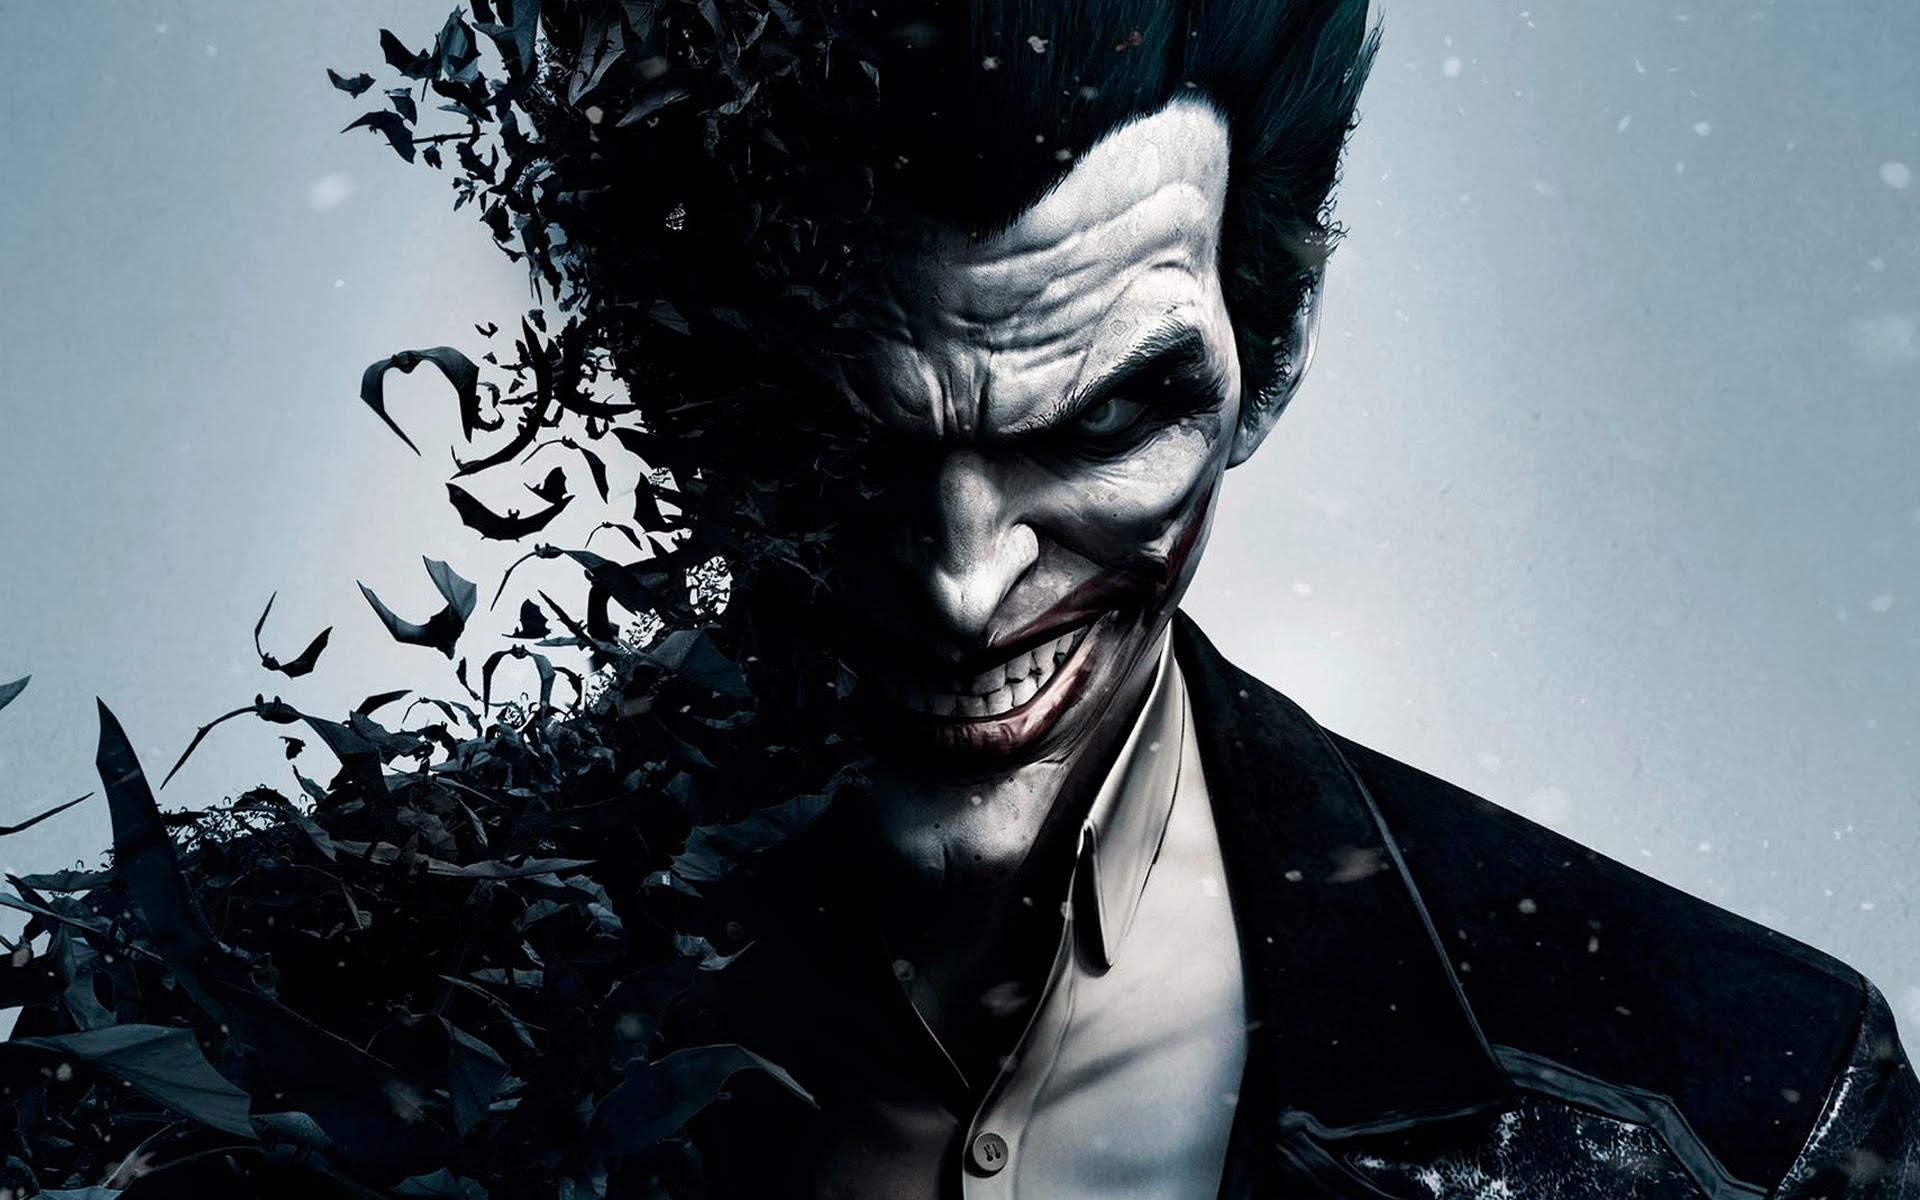 Joker Batman Arkham Origins a368 HD Wallpaper 1920x1200